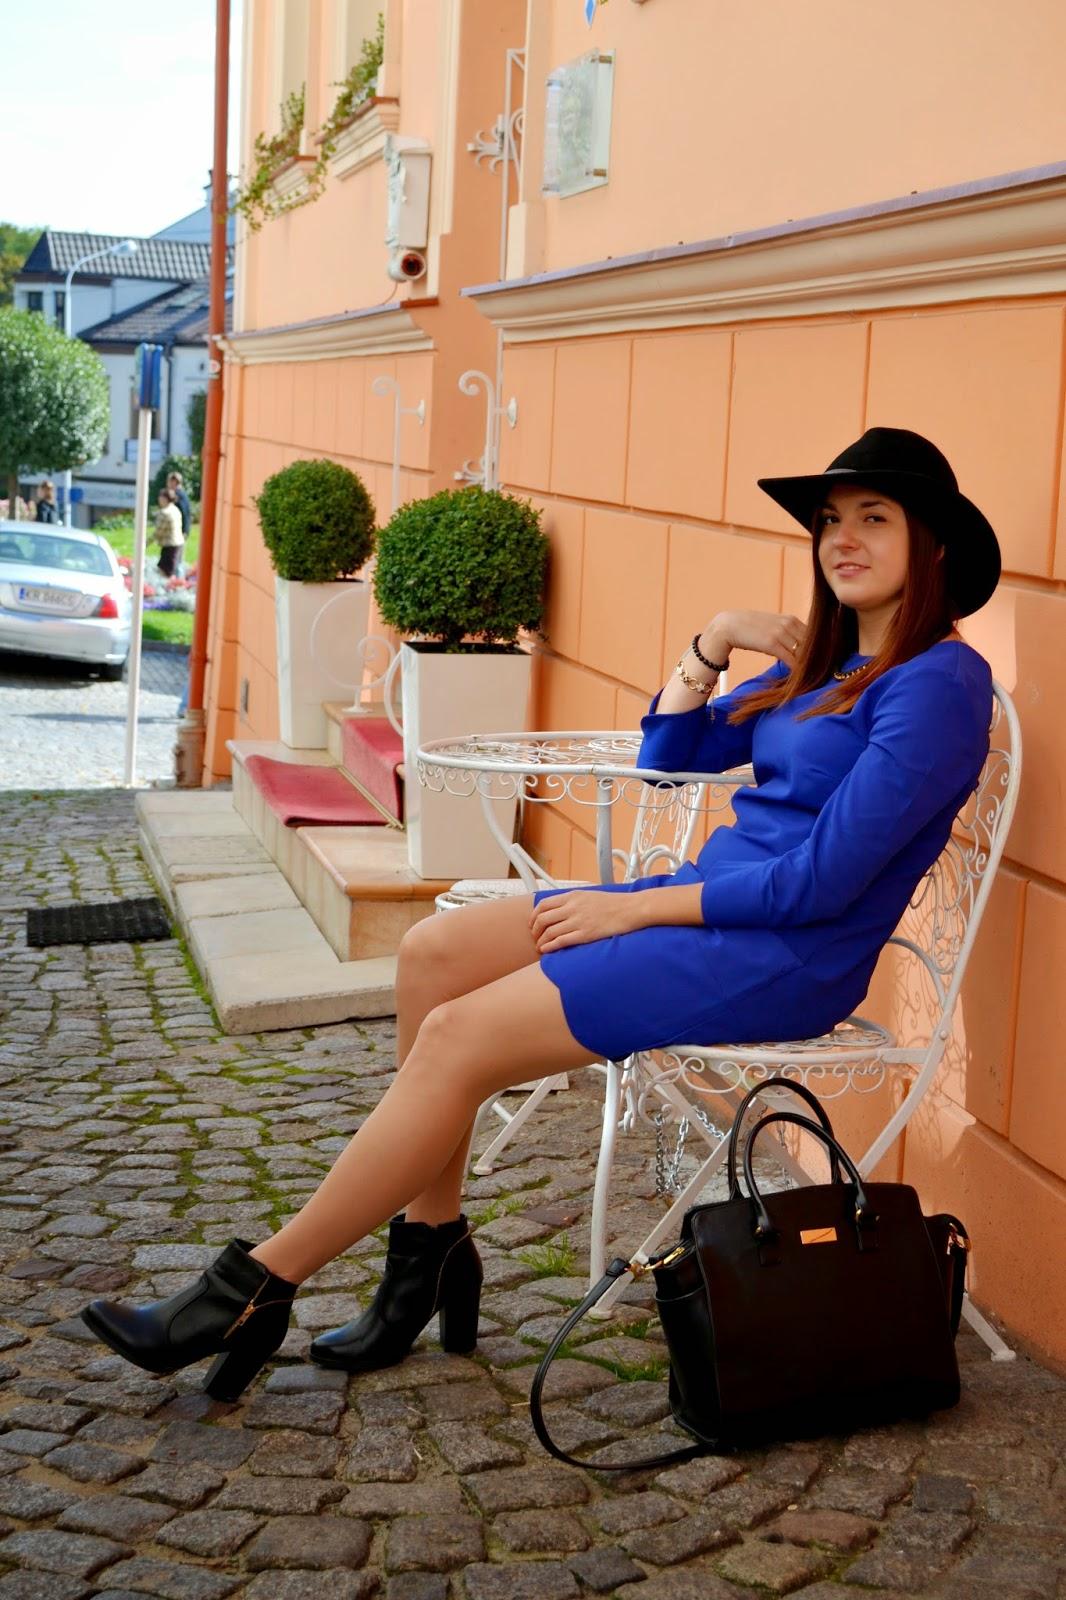 czarne botki na jesień, czarny kapelusz, niebieska sukienka, stylizacja na jesień